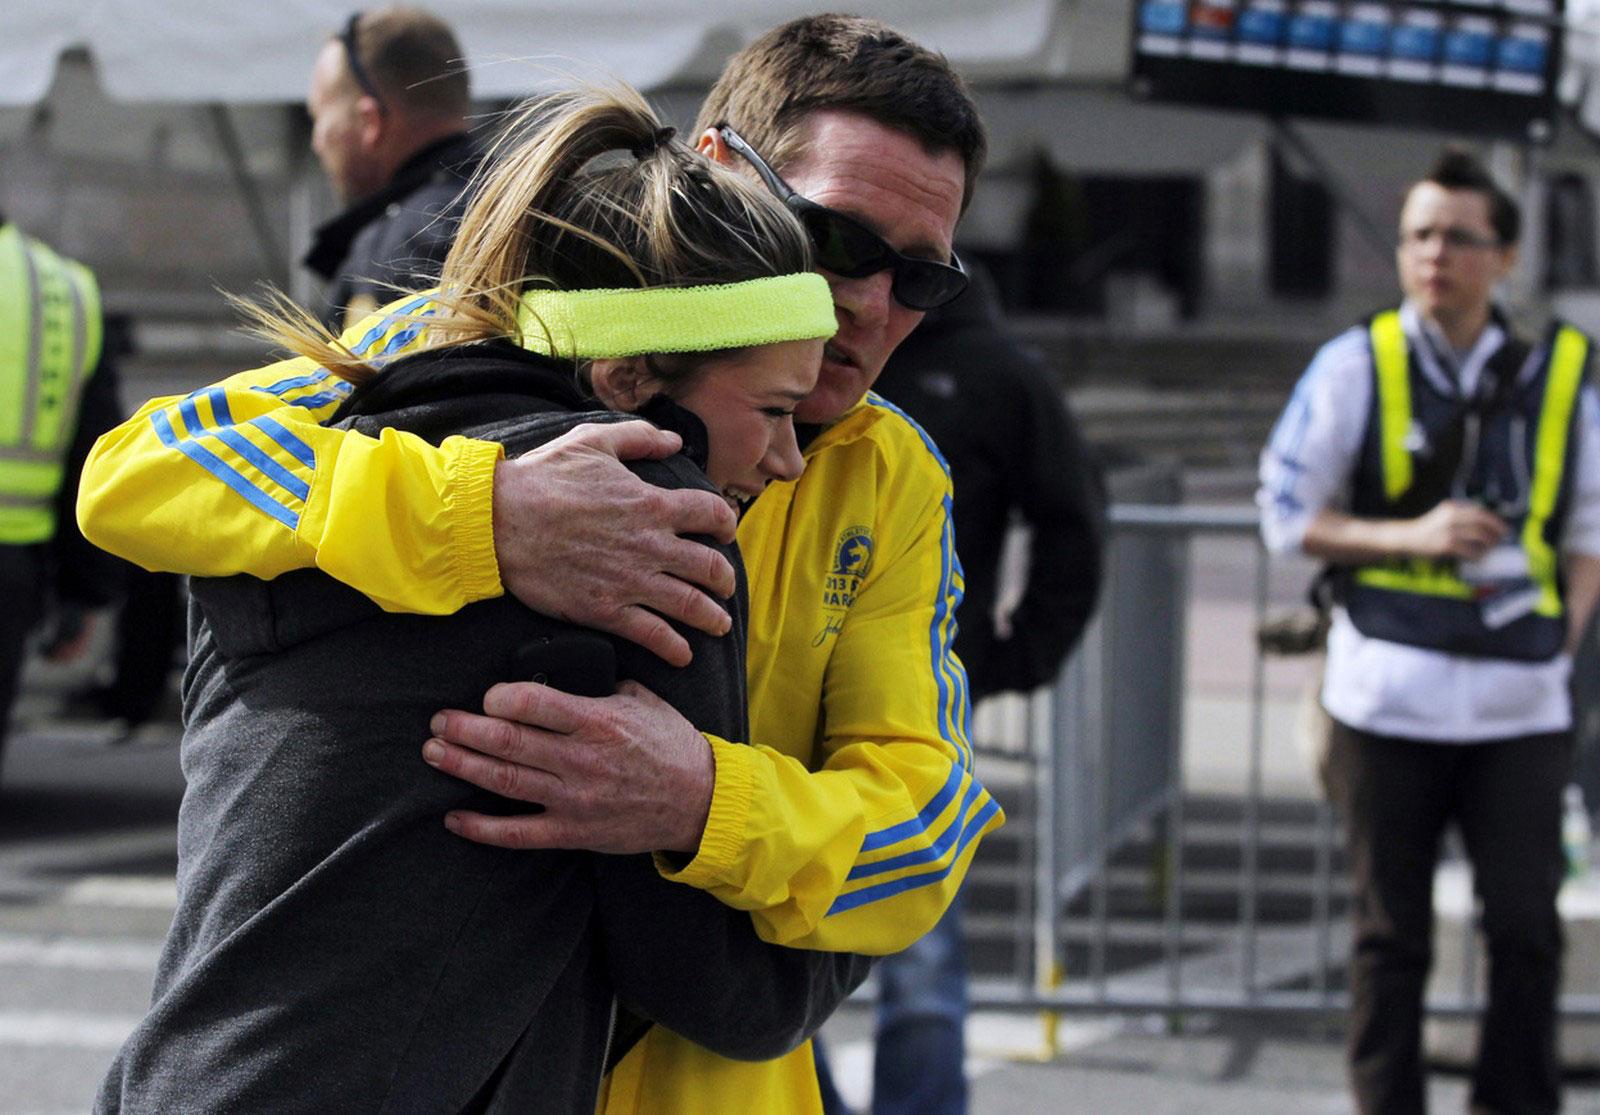 люди обнимаются на месте трагедии